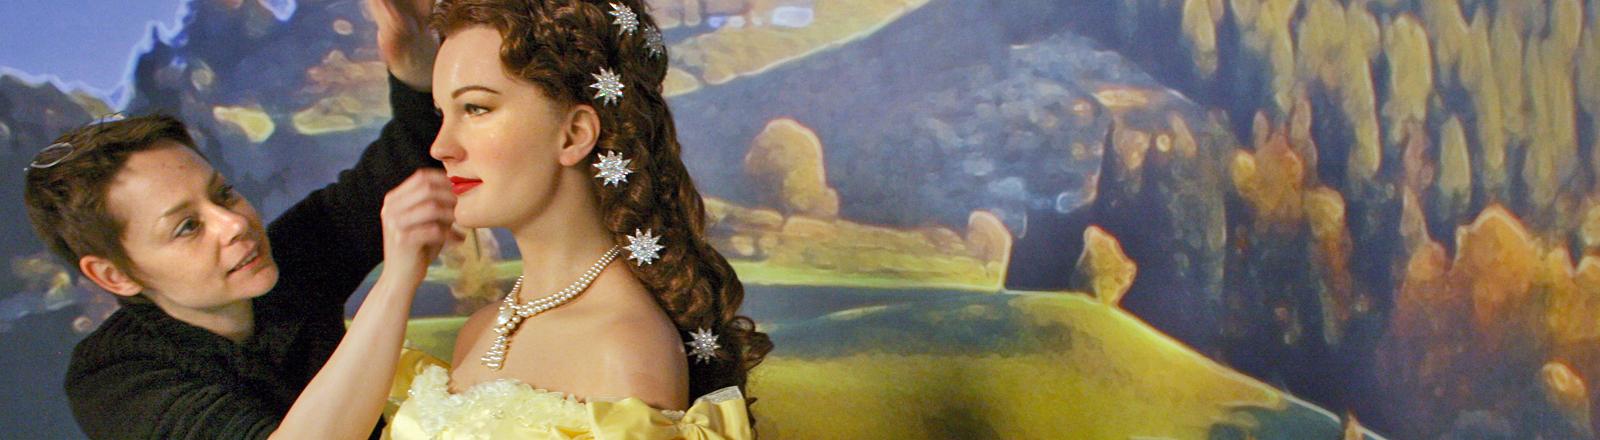 Eine Frau legt noch Hand an an einer Wachsfigur, die Romy Schneider als Königin Sissi darstellt; Bild: dpa